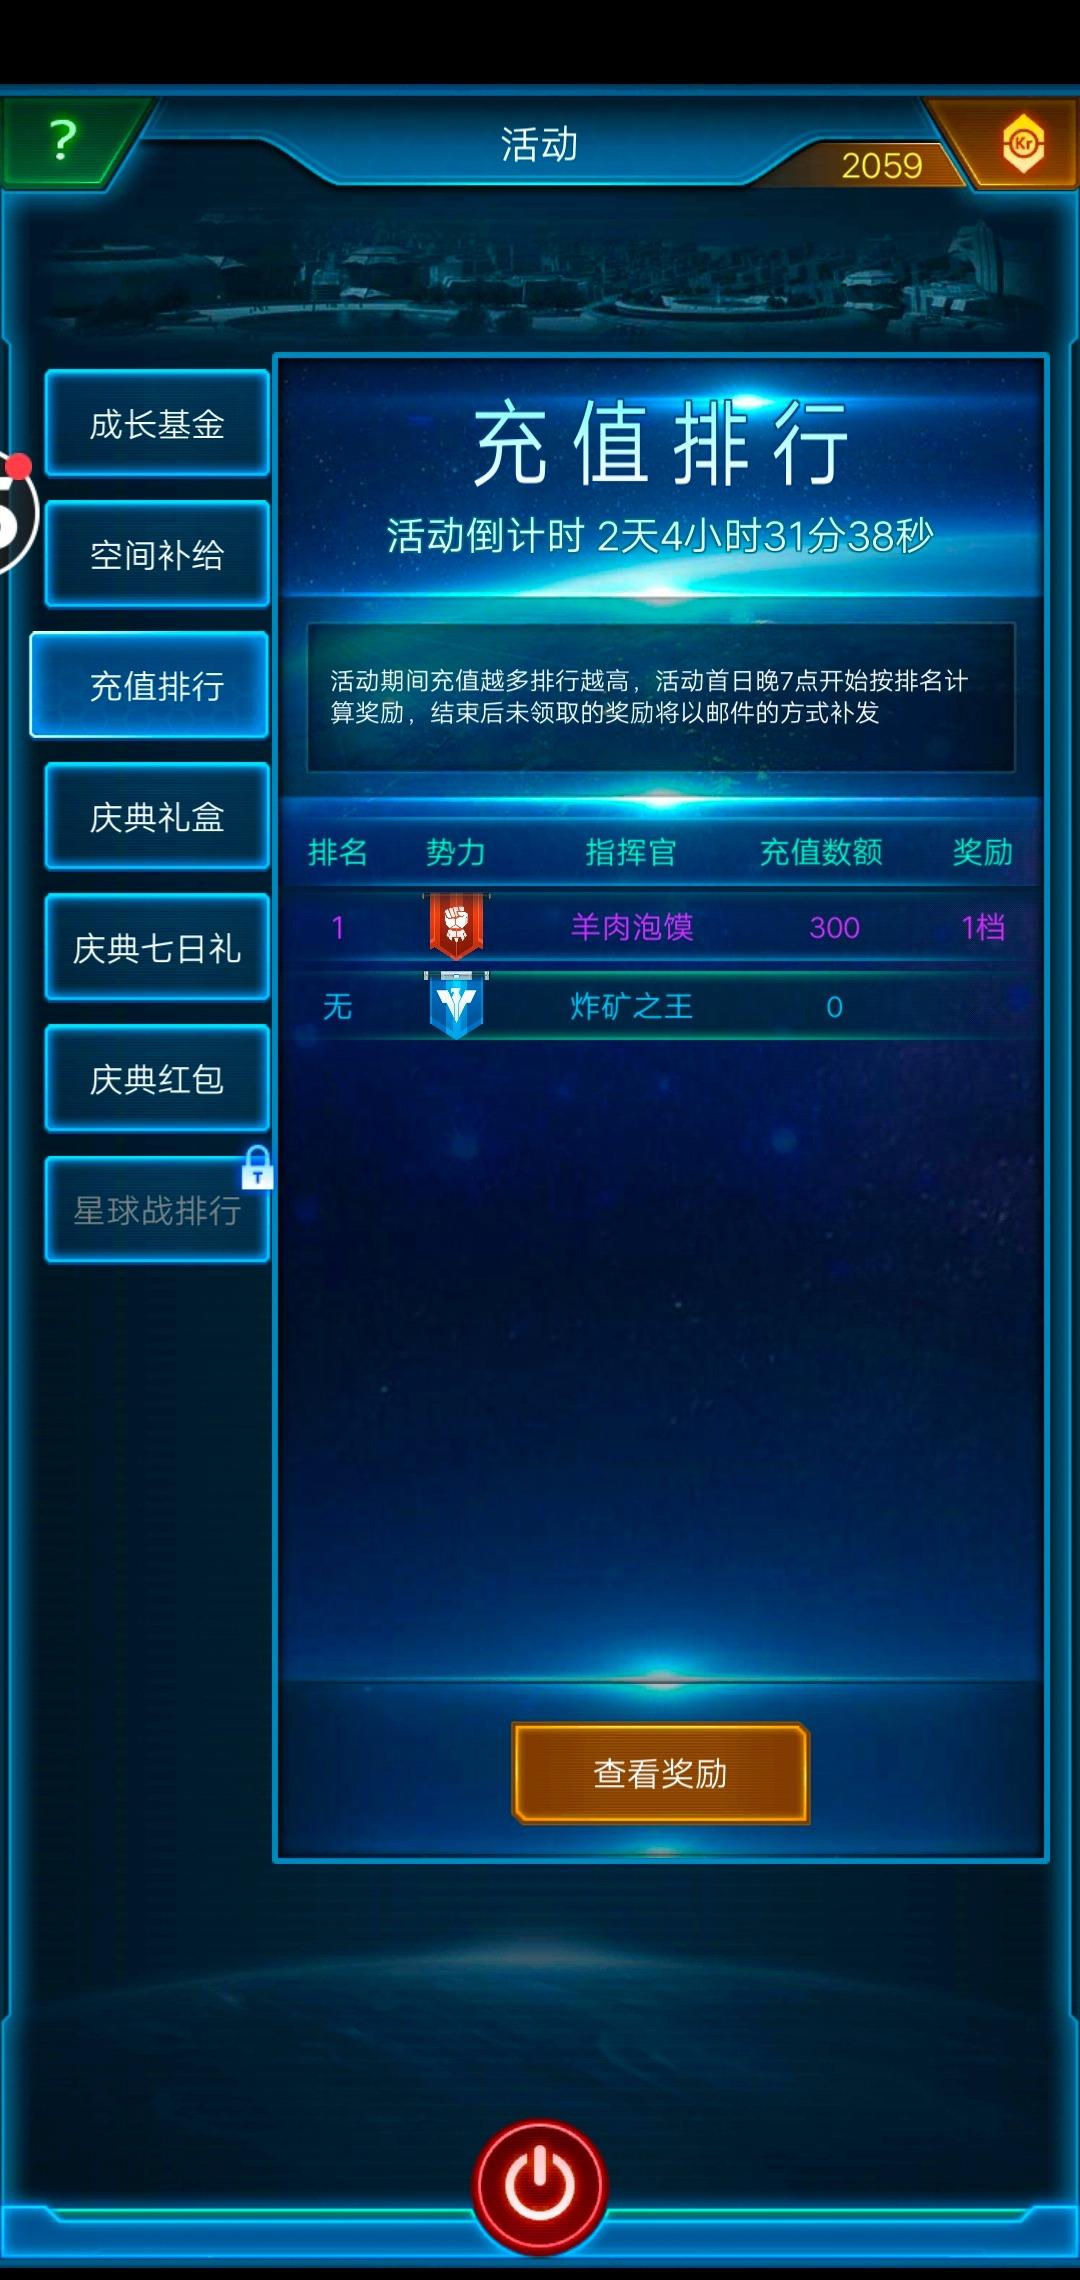 Screenshot_20191005_192723.jpg